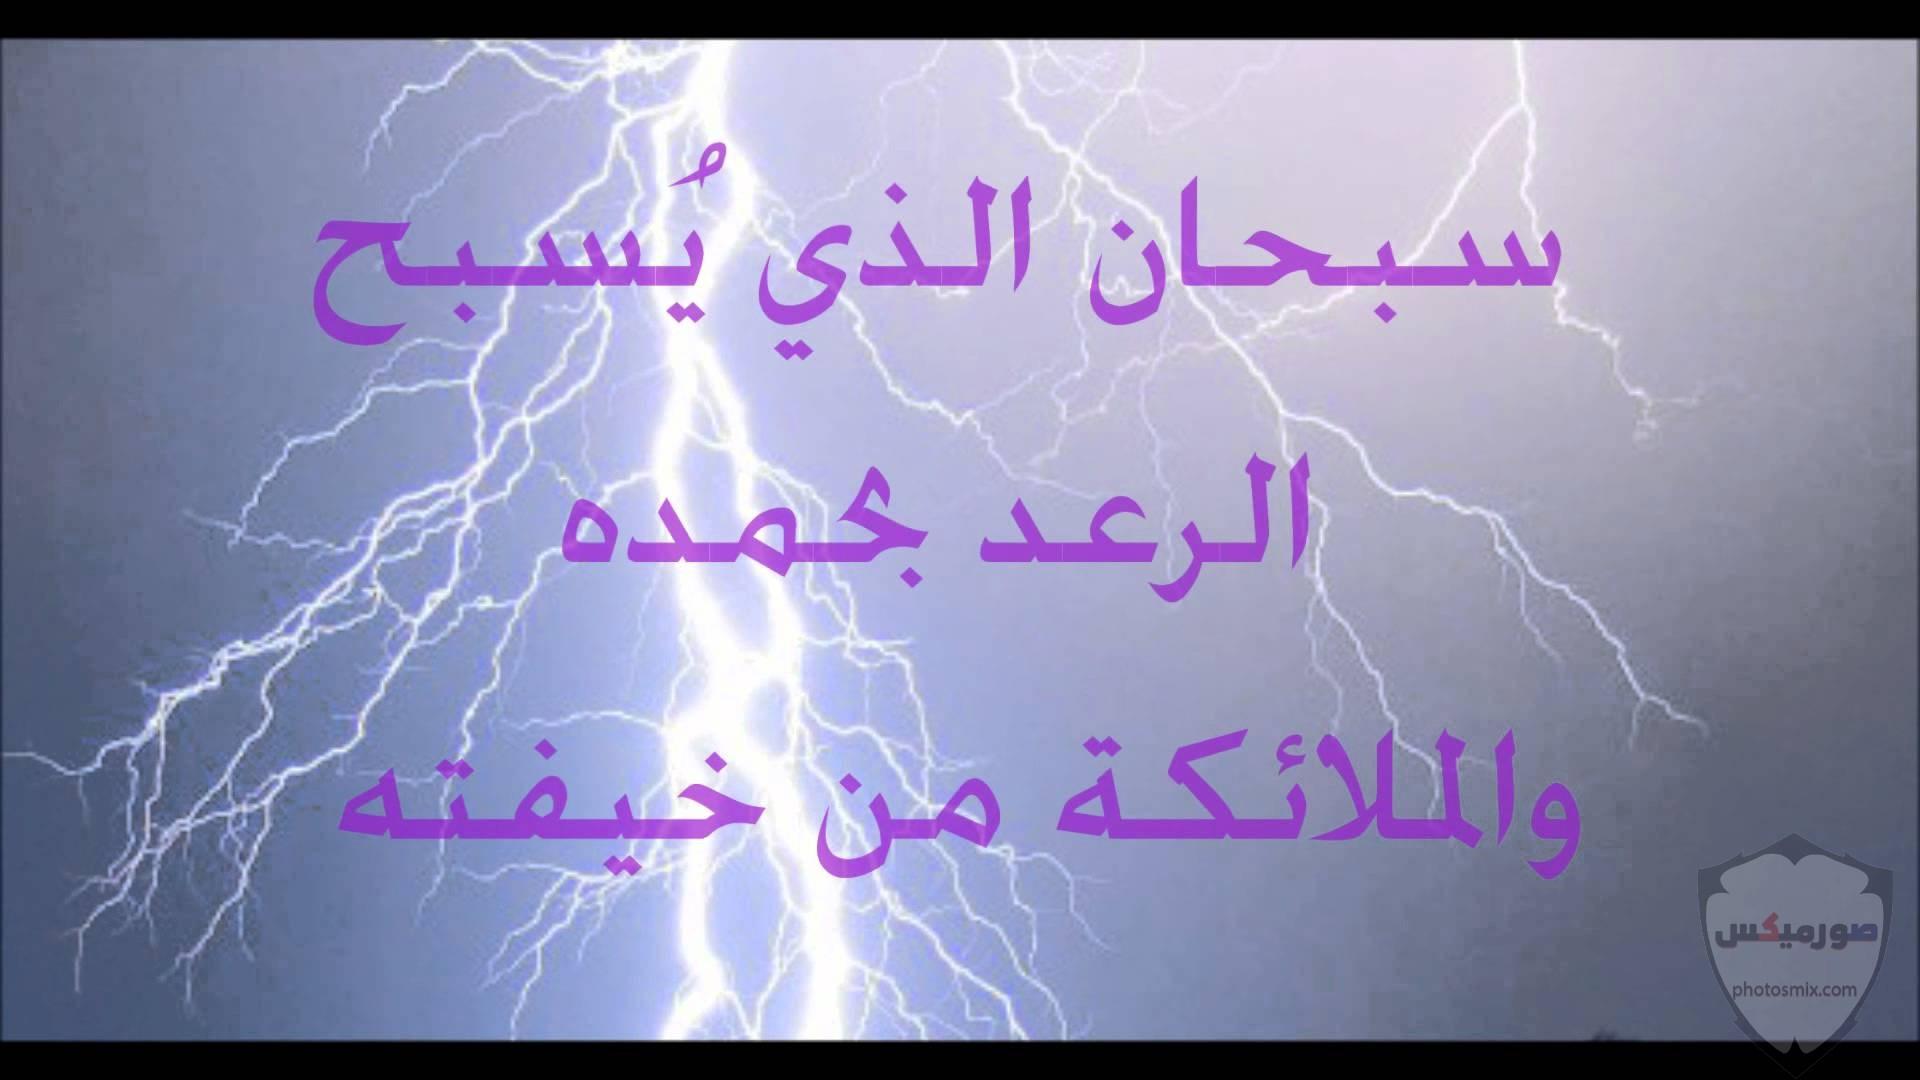 صور ادعية المطر مكتوبة لفيس بوك وتويتر رمزيات مطر 11 1